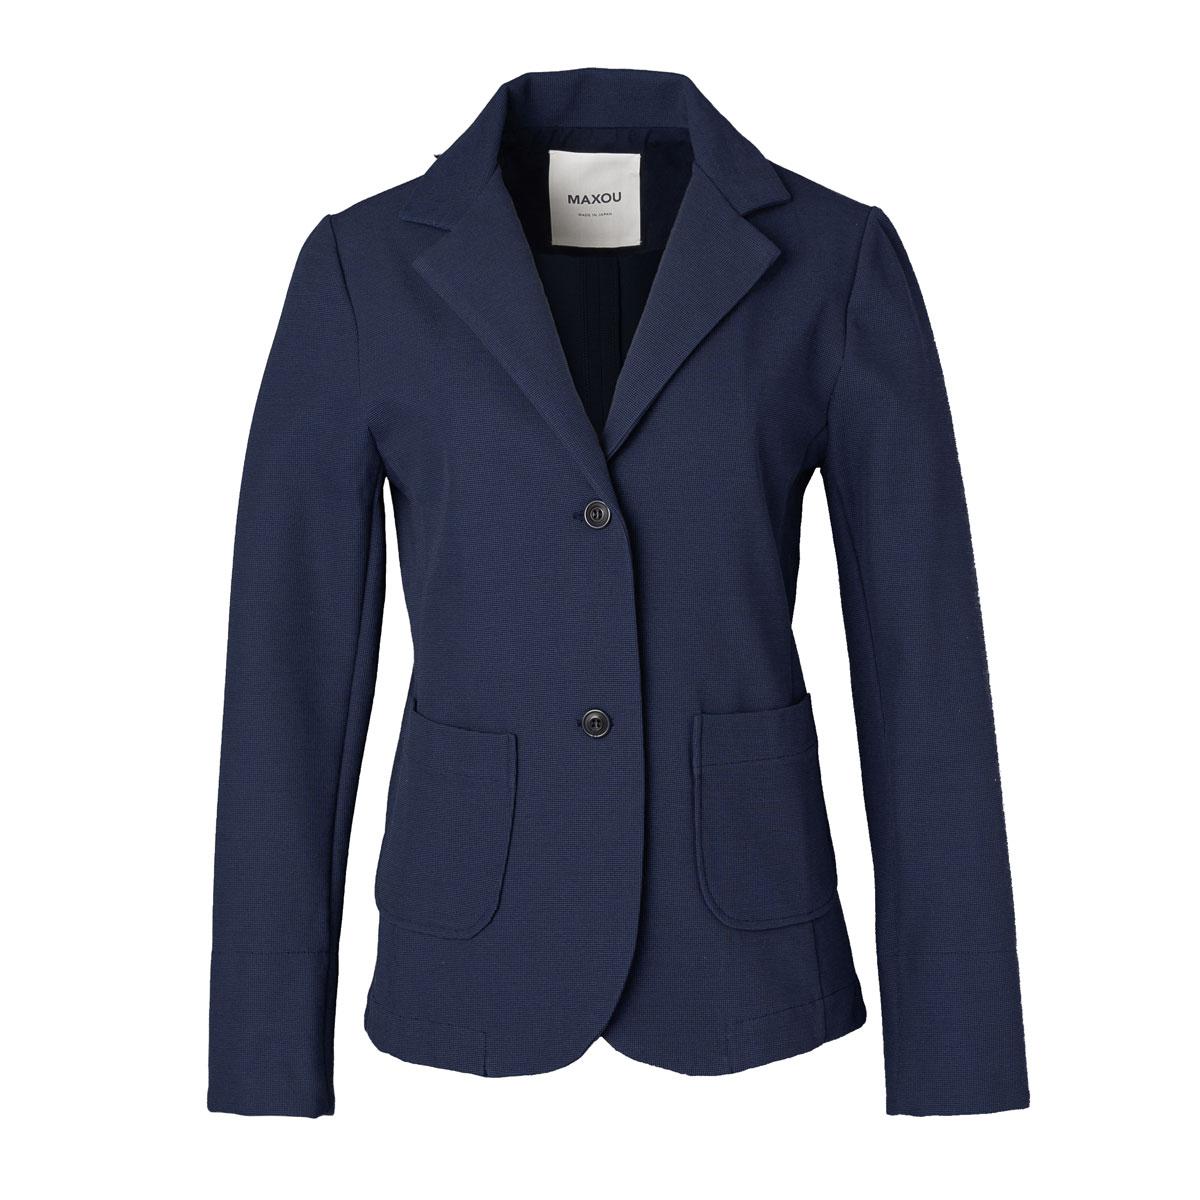 MAXOU コート MA491-6-3870-58D/BLUE